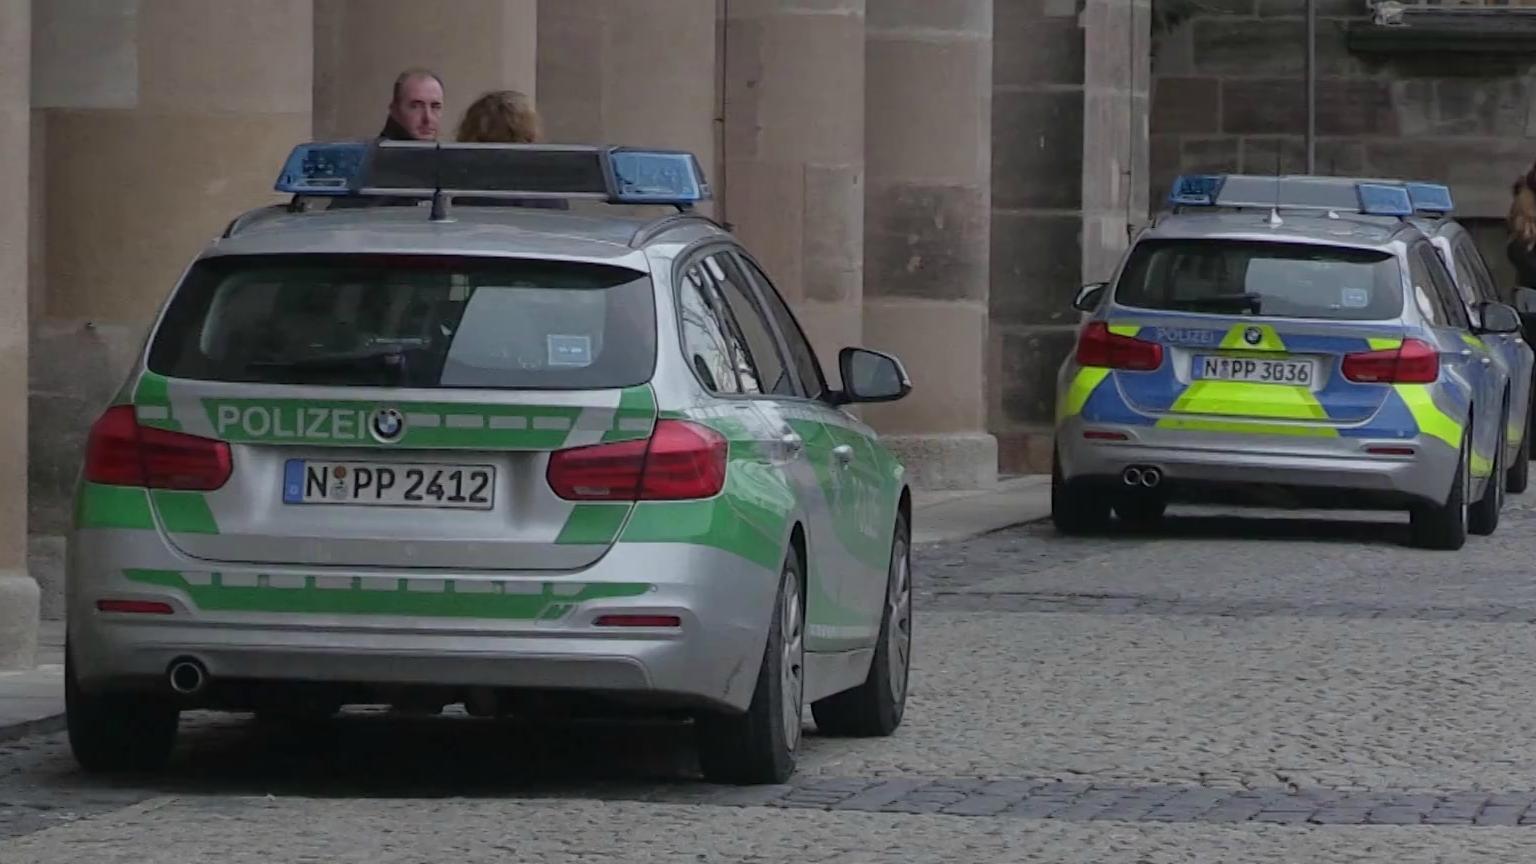 Polizeiwagen vor Gerichtsgebäude